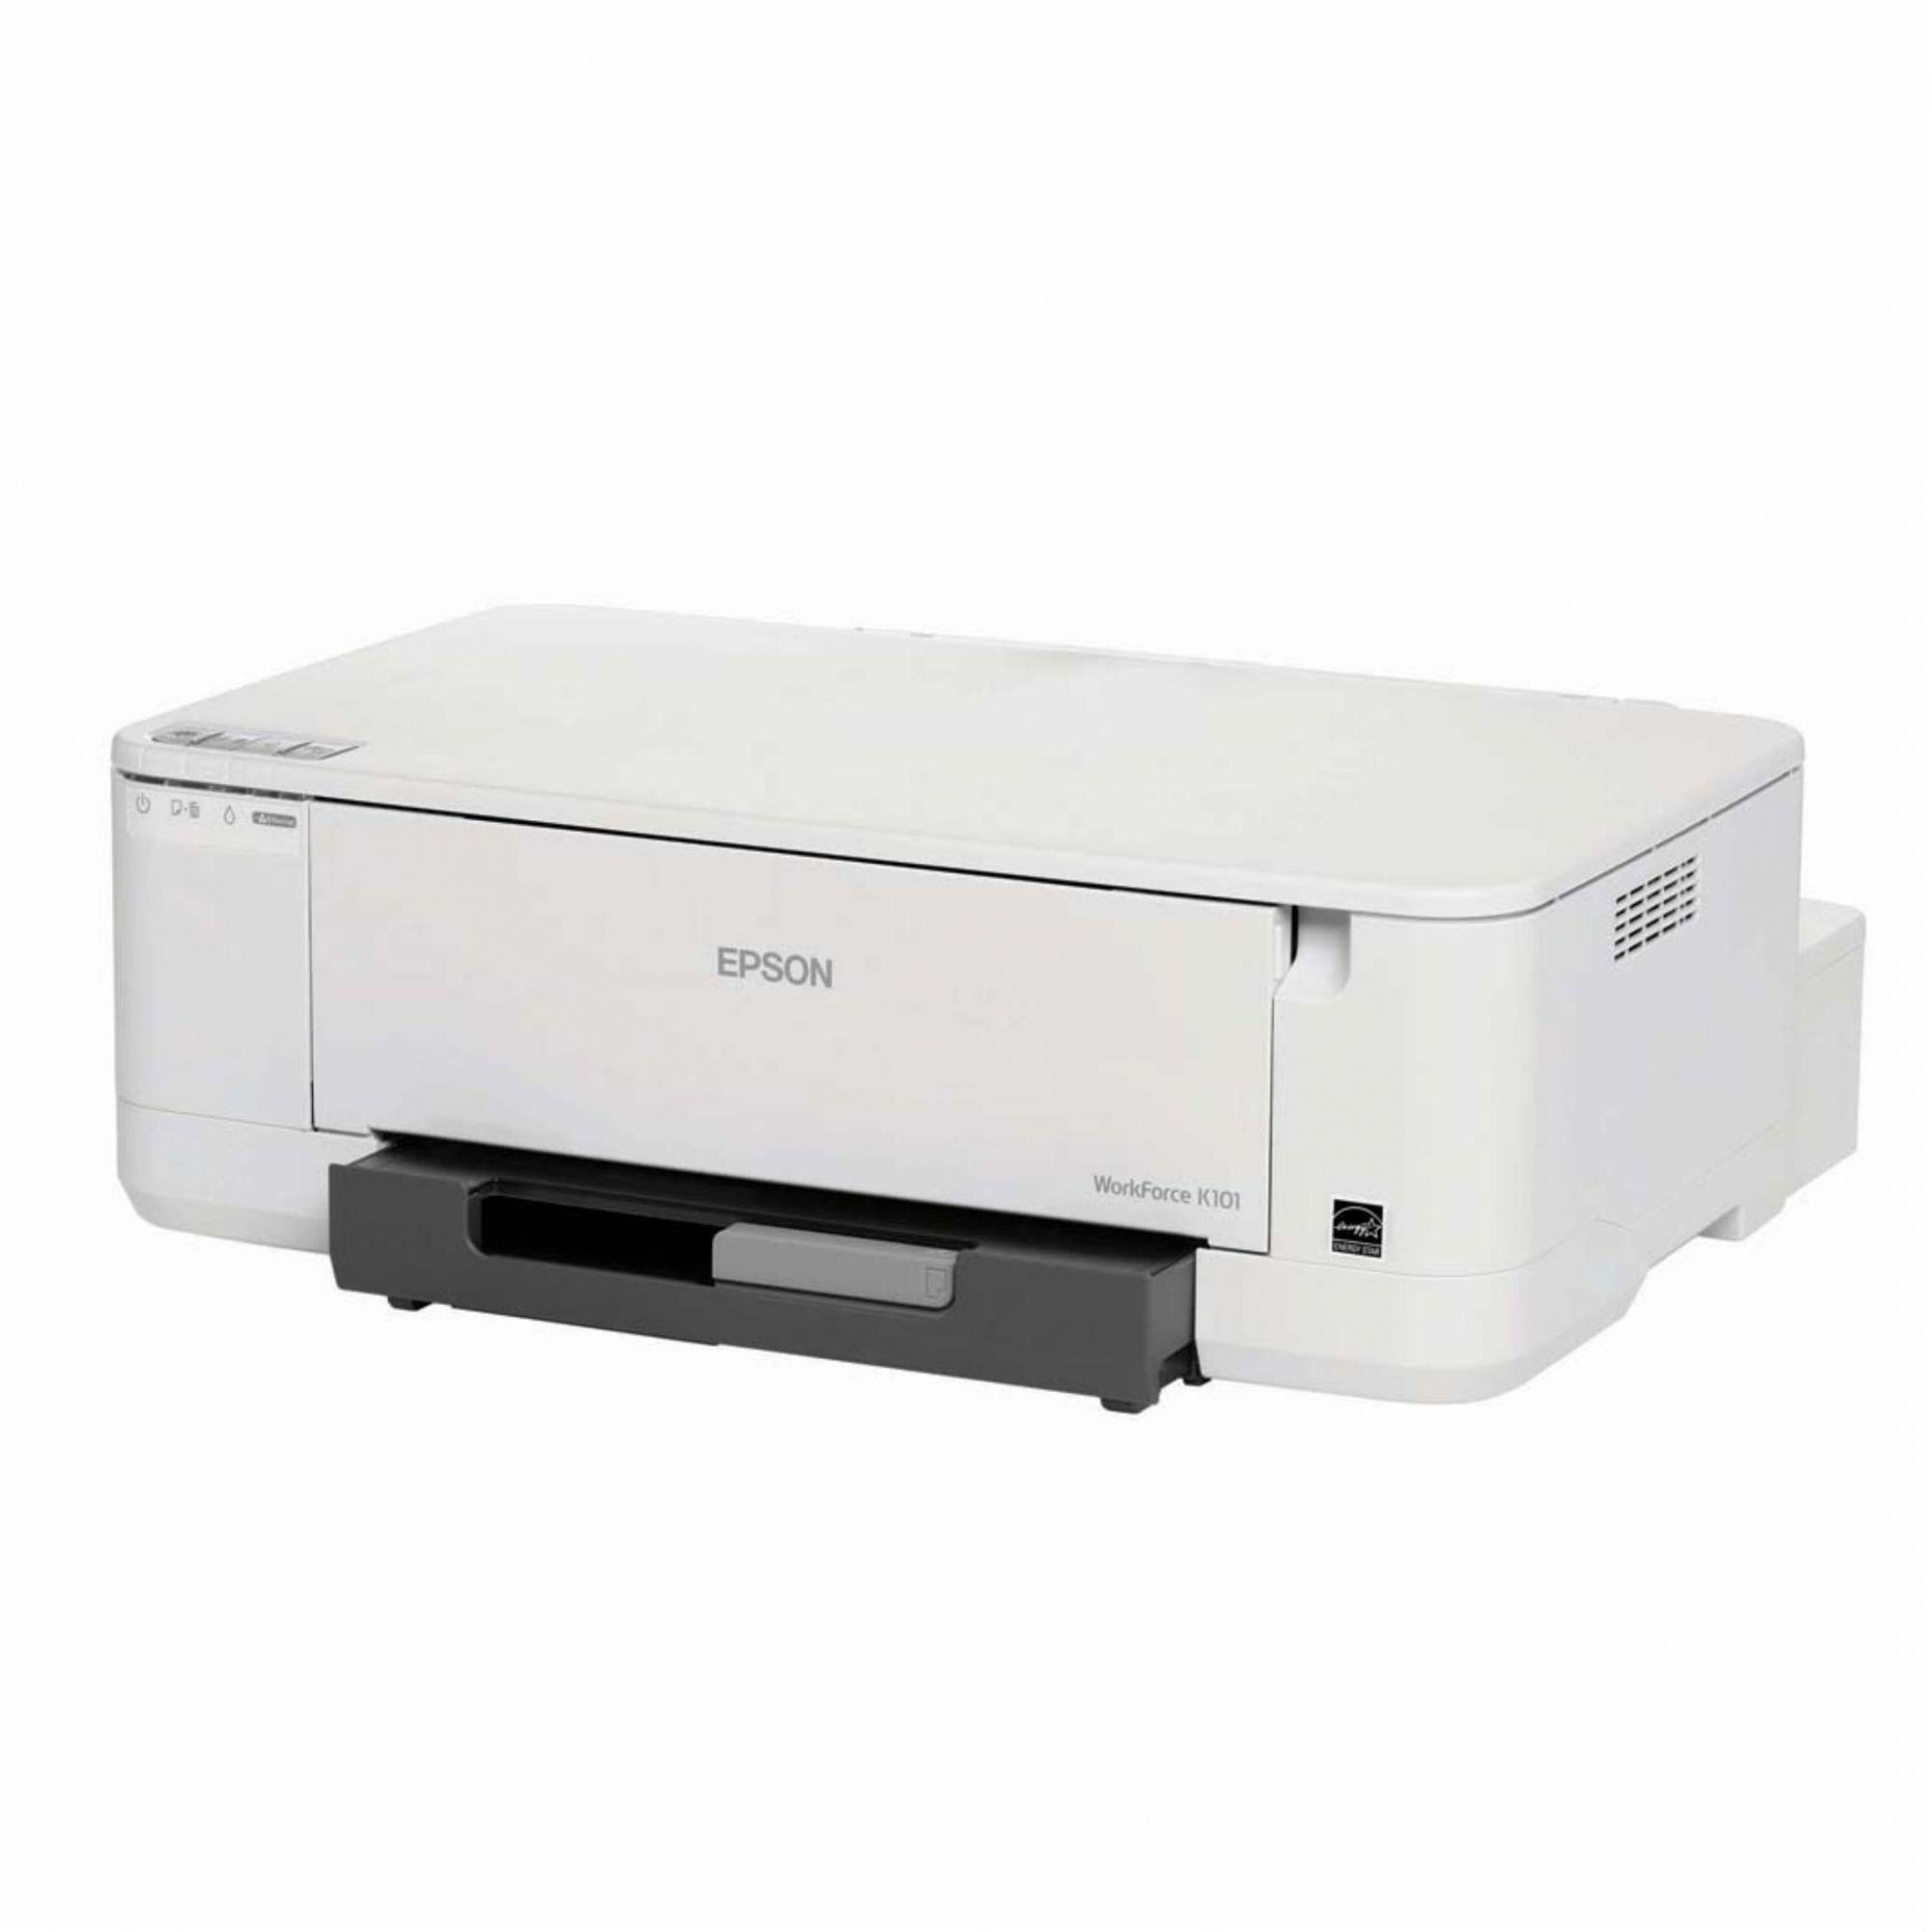 Impressora Monocromática WorkForce Epson K101 (Só Preto) - Com Bulk Ink 500ml Instalado com Tinta Corante